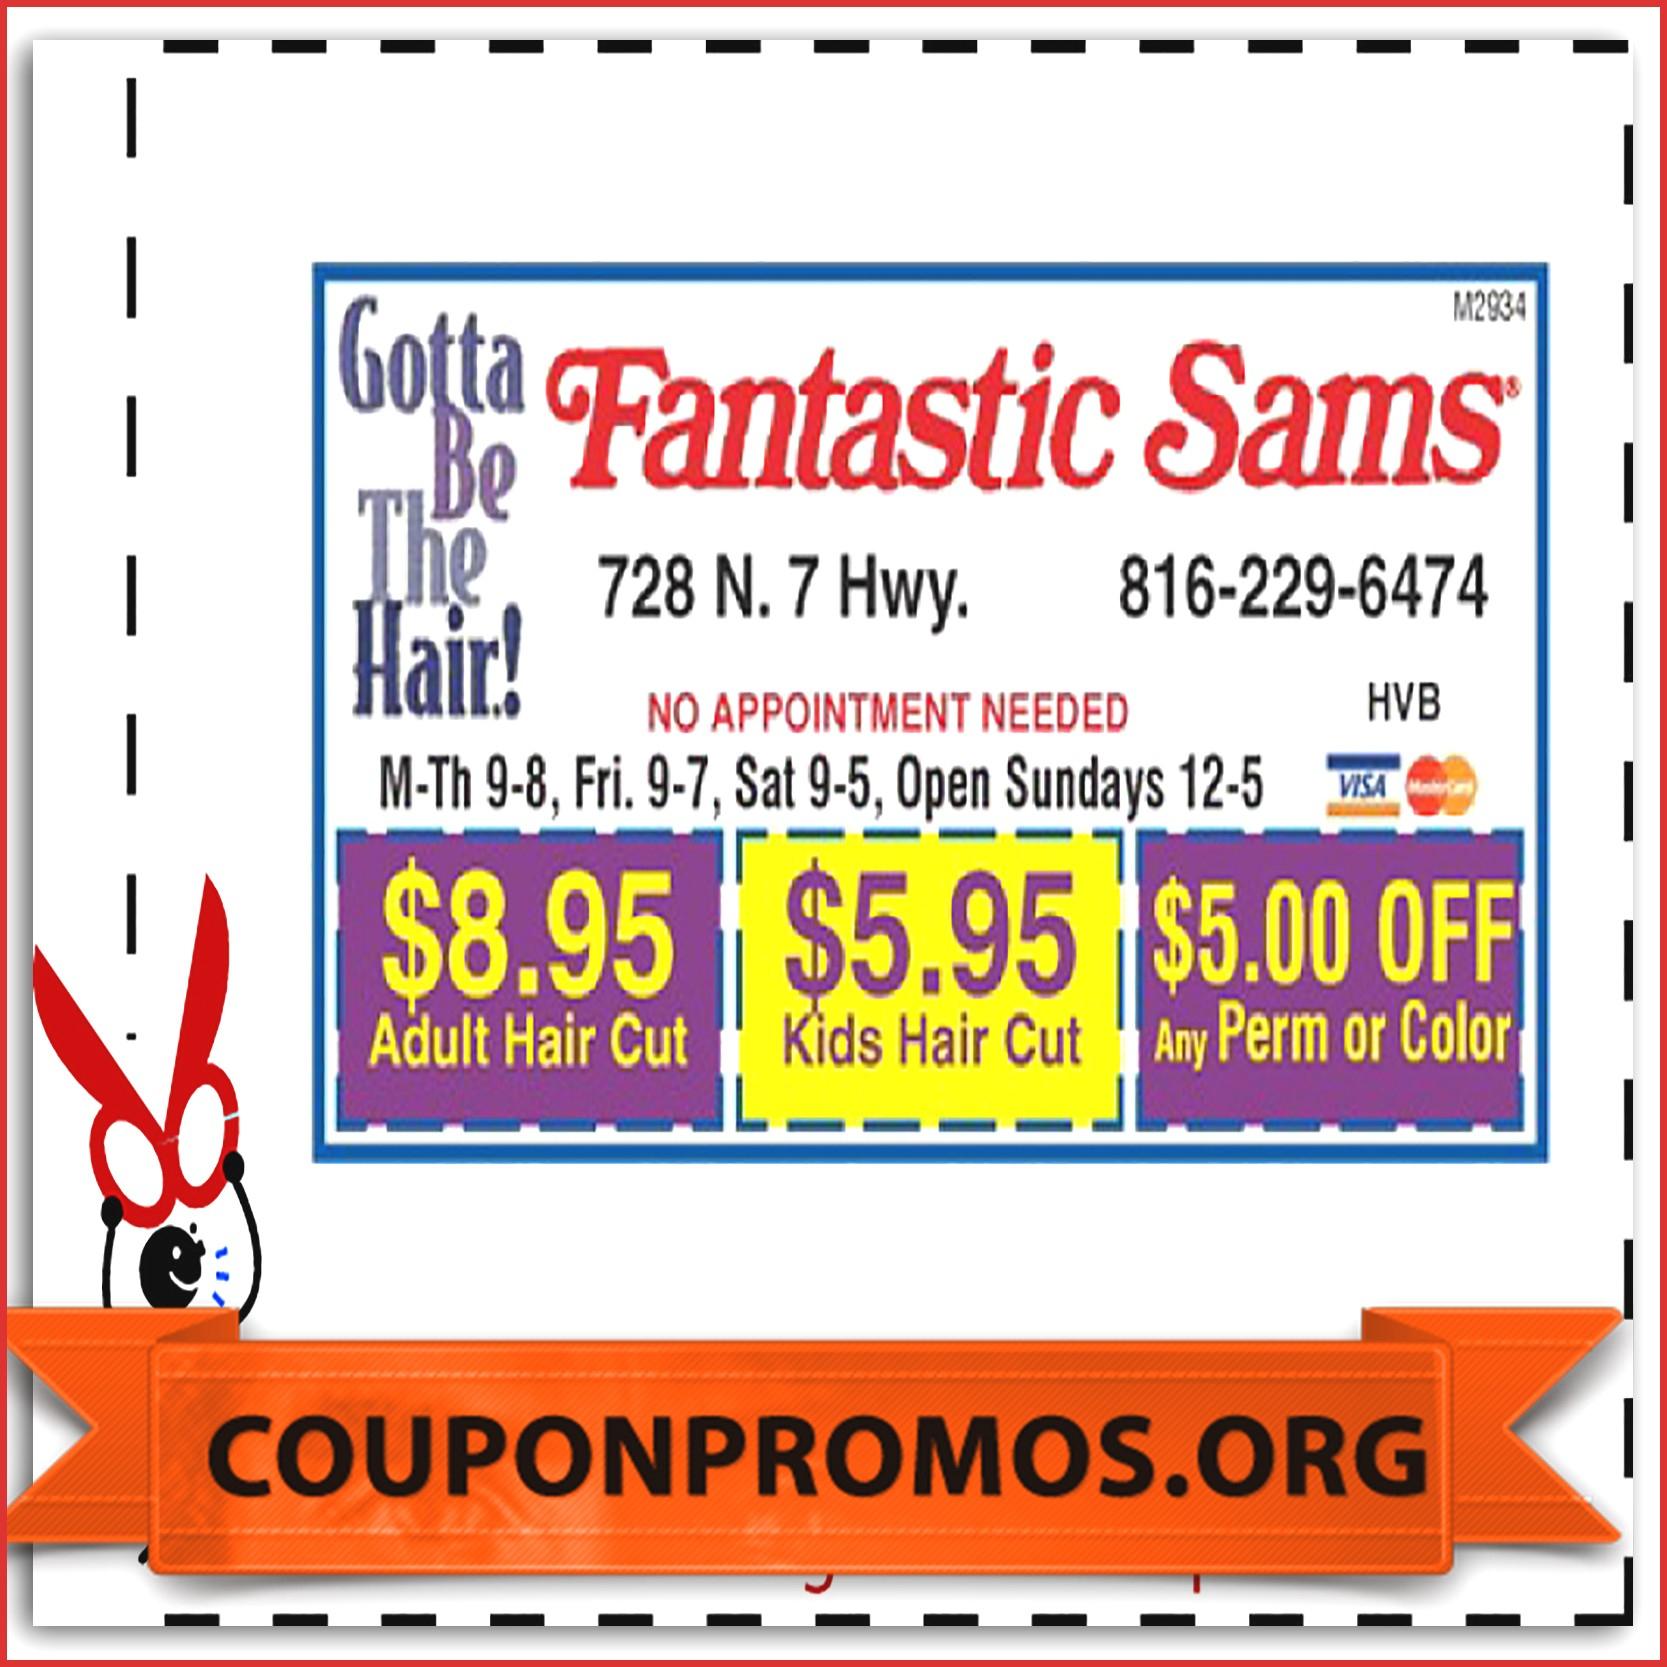 Inspirational Coupon Printable   Resume Pdf - Free Printable Coupons For Fantastic Sams